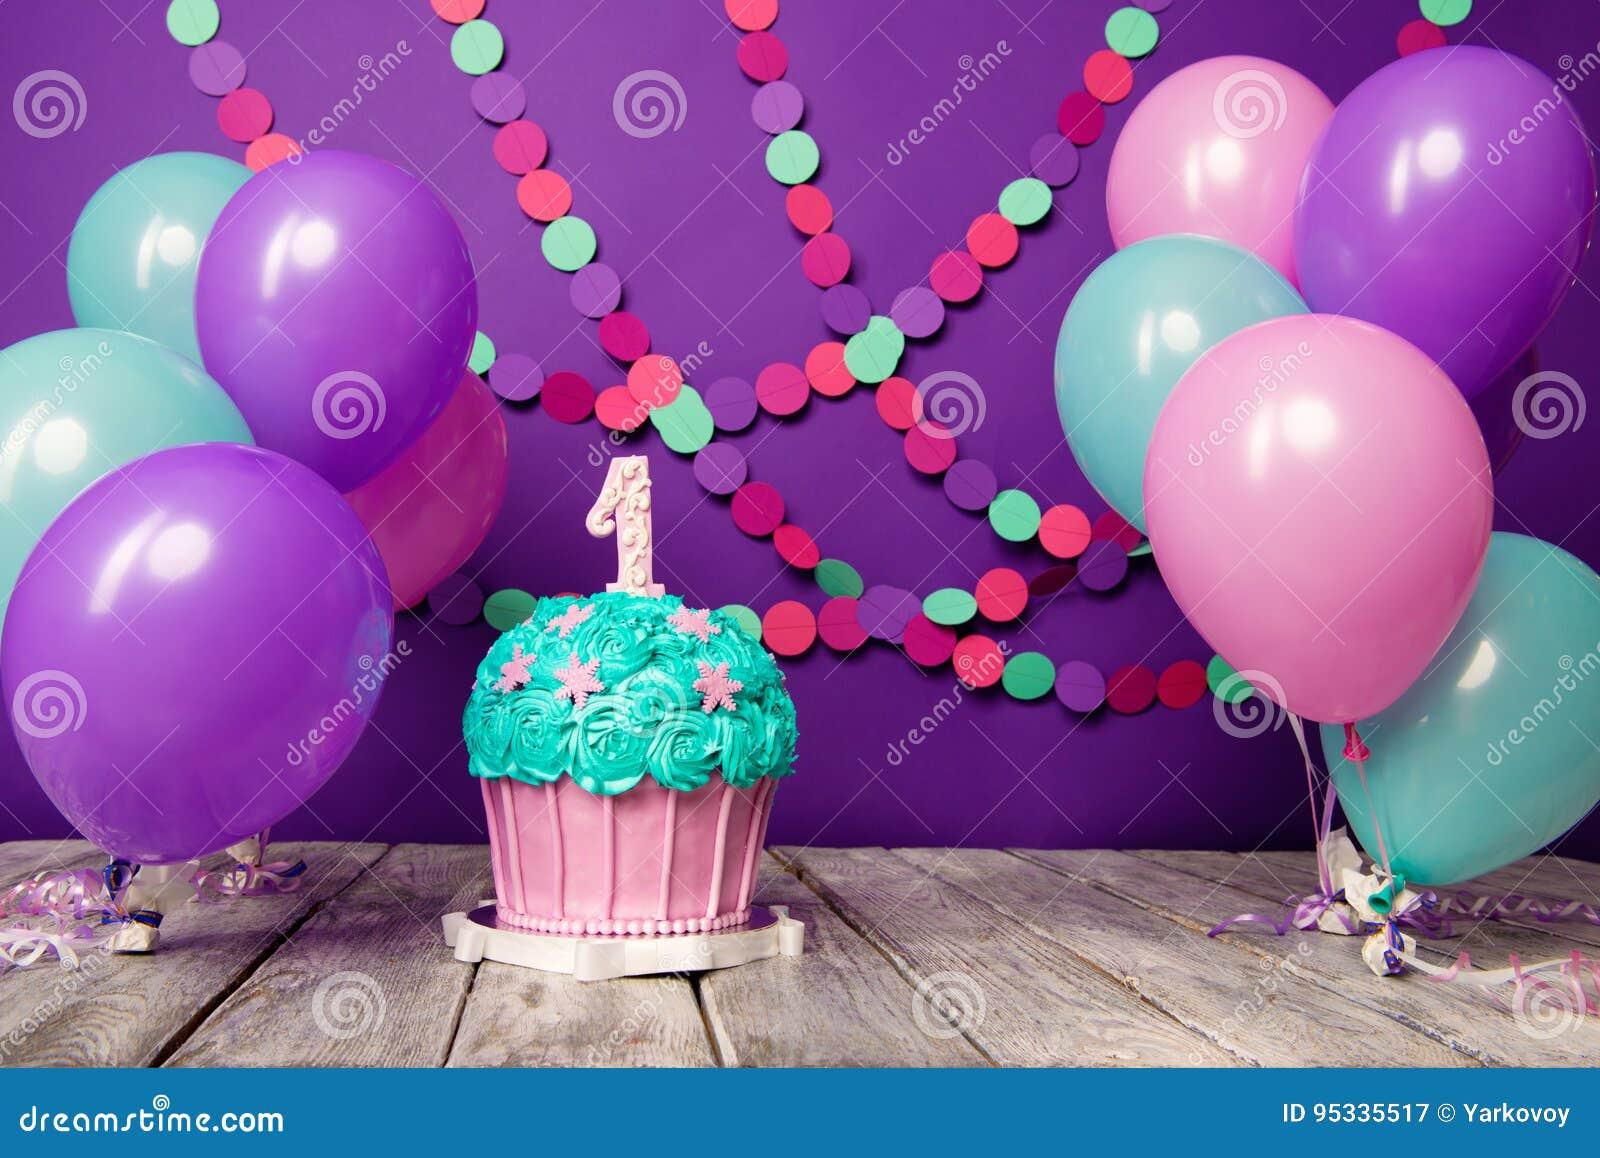 Prima torta di compleanno con un unità su un fondo porpora con le palle e la ghirlanda di carta